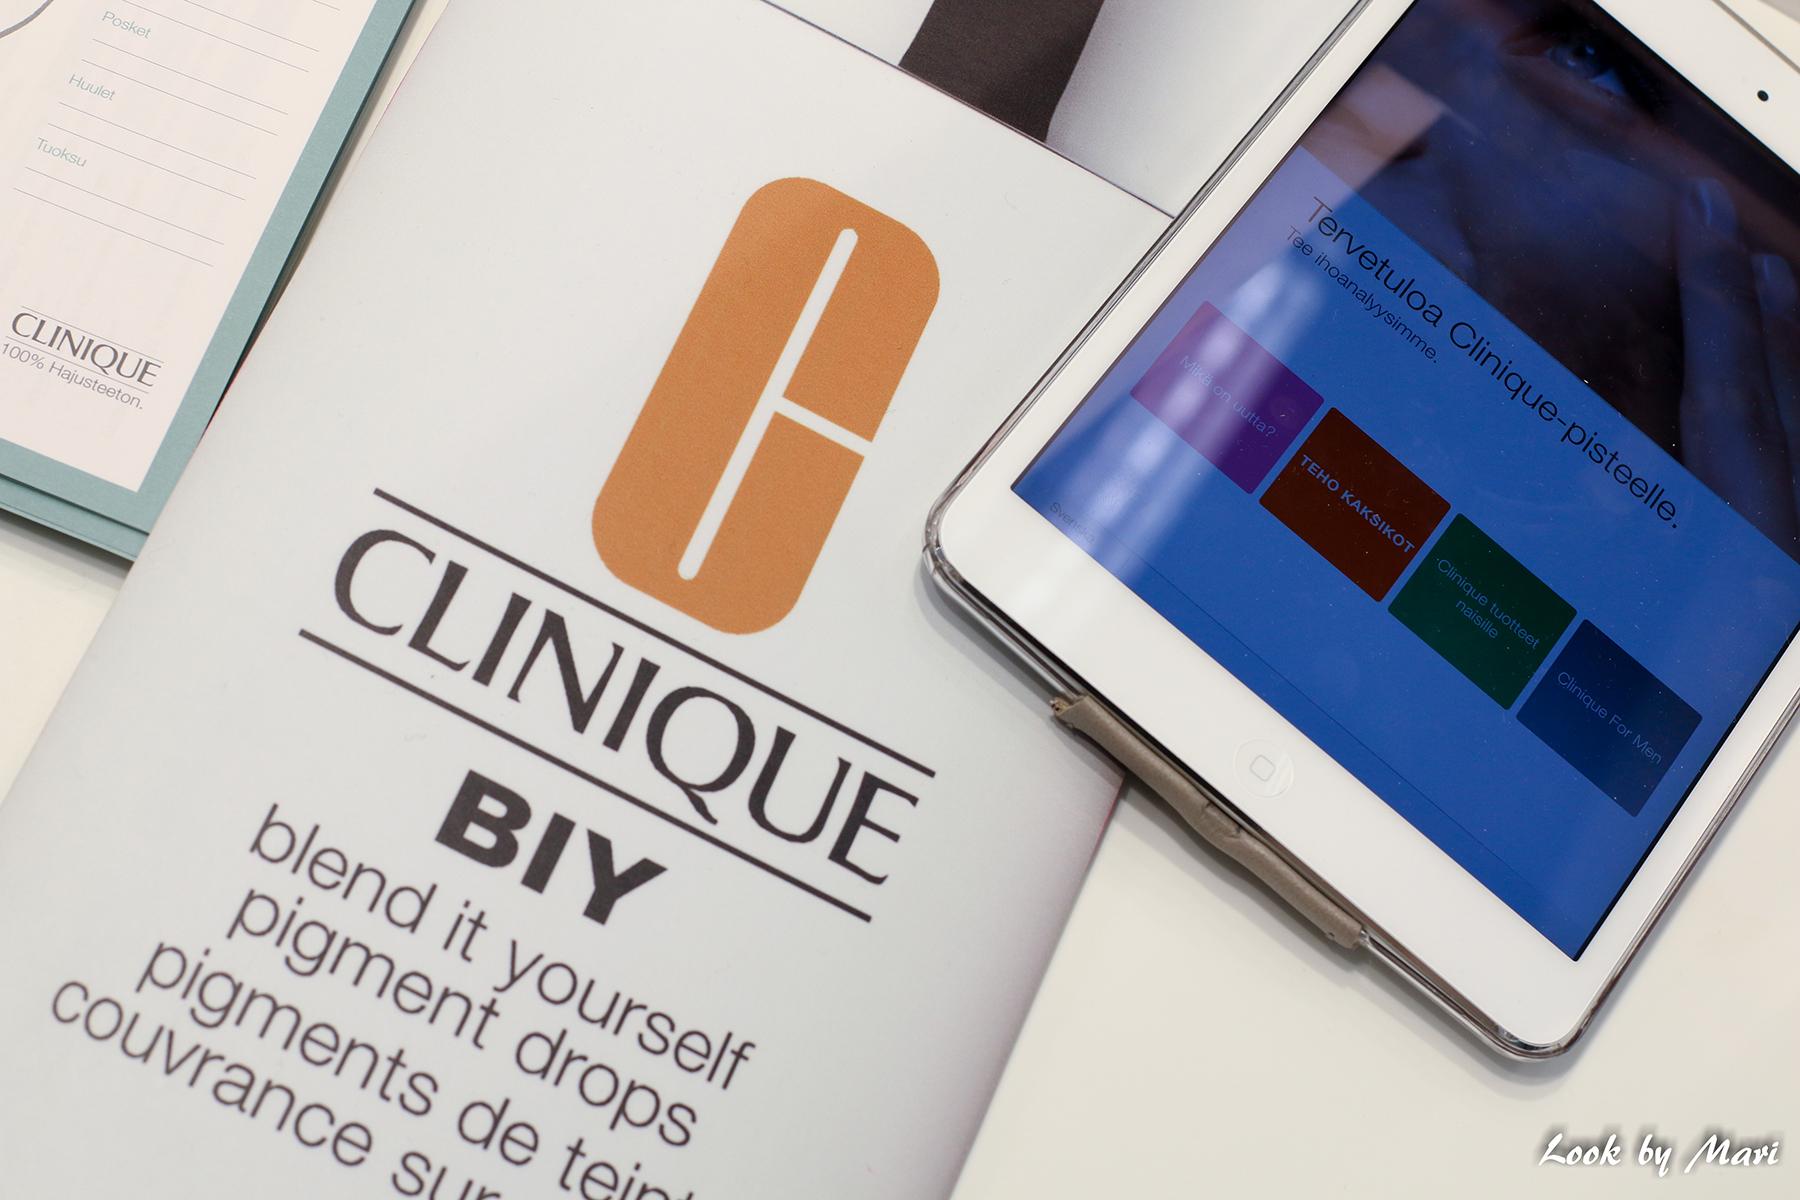 3 clinique stockmann ihoanalyysi ihotyyppi testi kokemuksia tuotteet ovatko hyviä